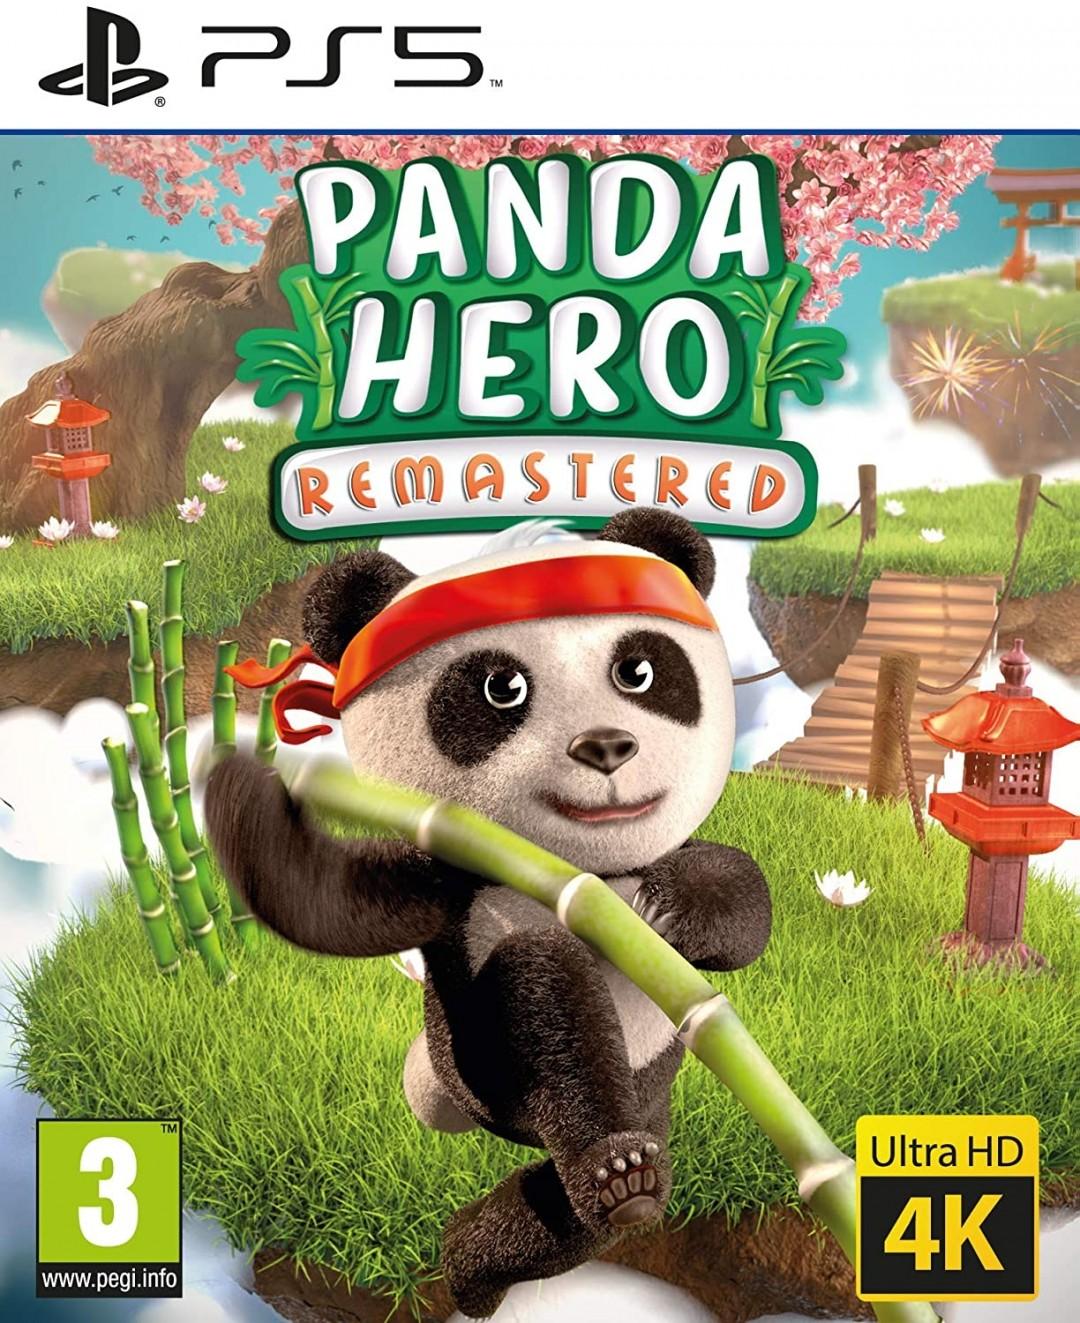 Panda Hero: Remastered